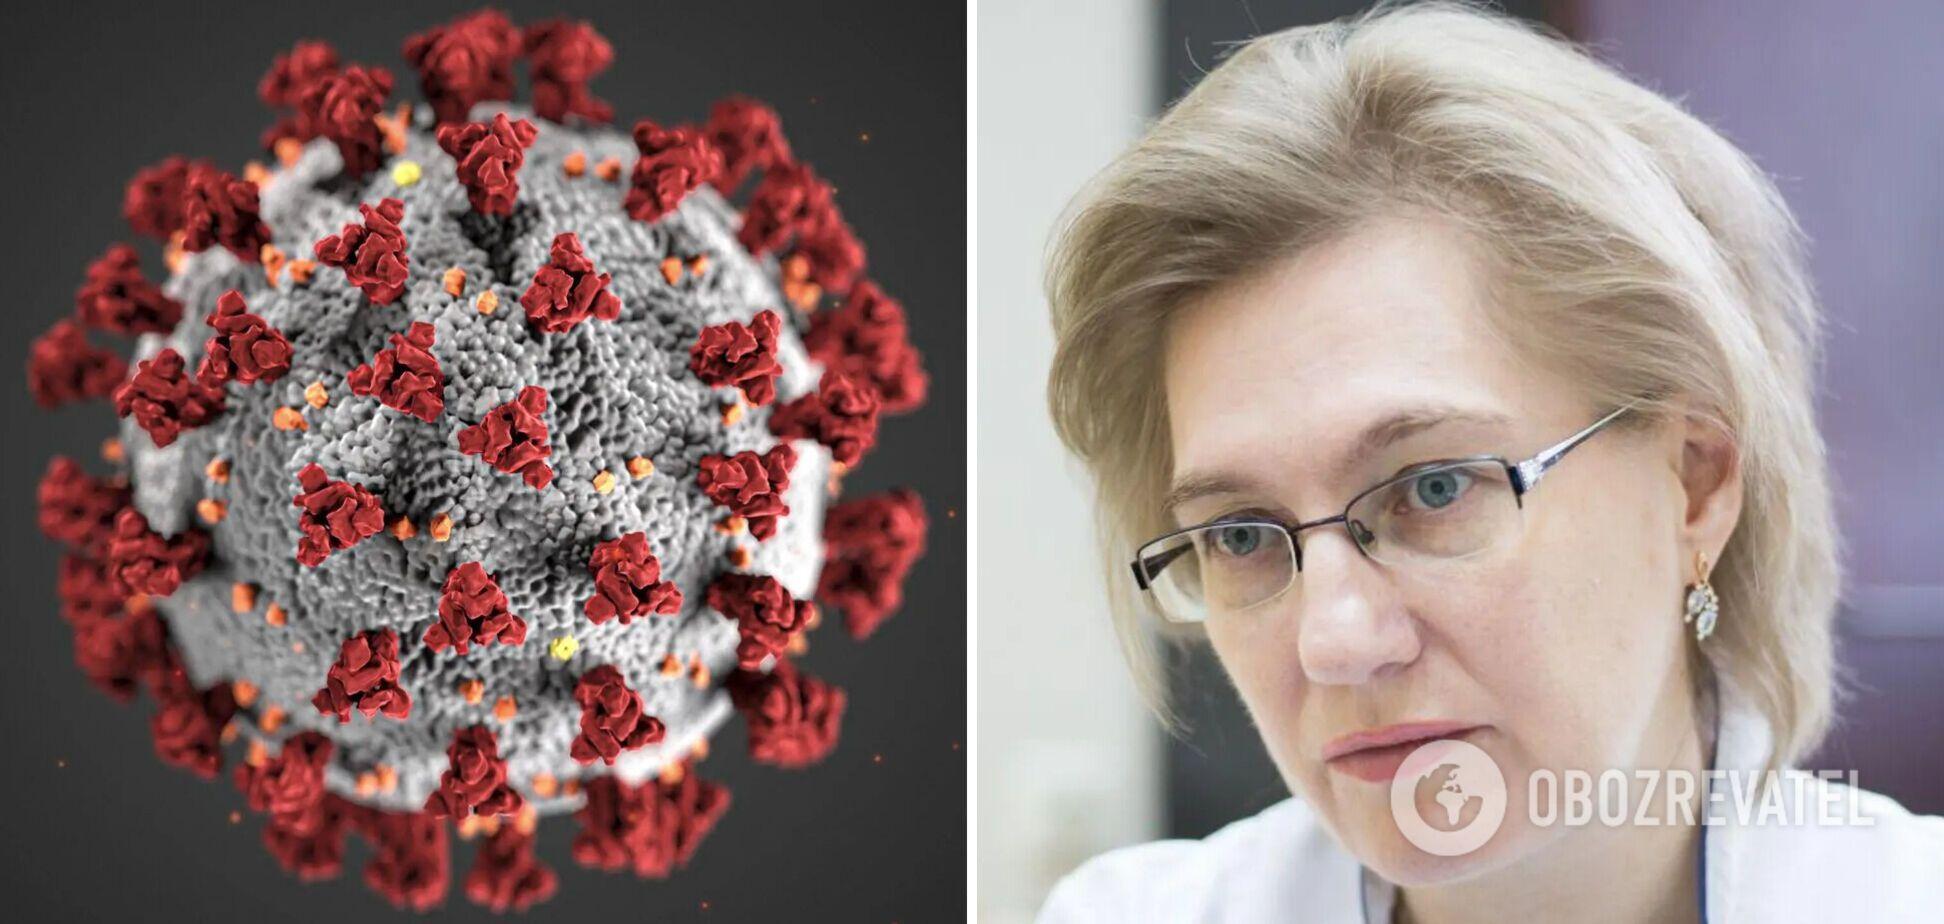 Голубовская назвала категорию людей, которых 'не берет' коронавирус. Видео